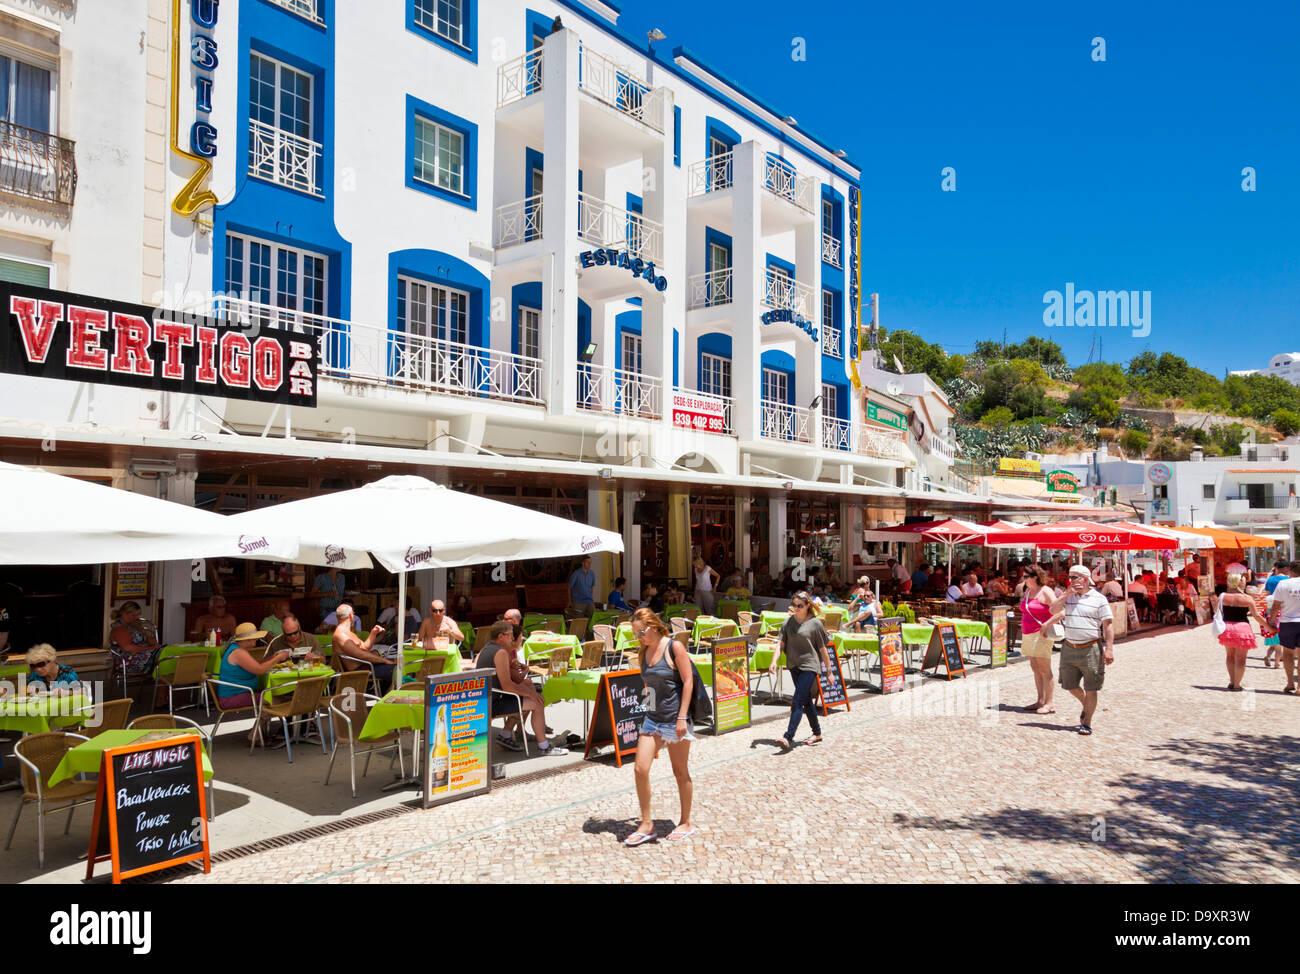 Restaurants And Bars Largo Engenheiro Duarte Pacheco Albufeira Central  Square Algarve Portugal EU Europe